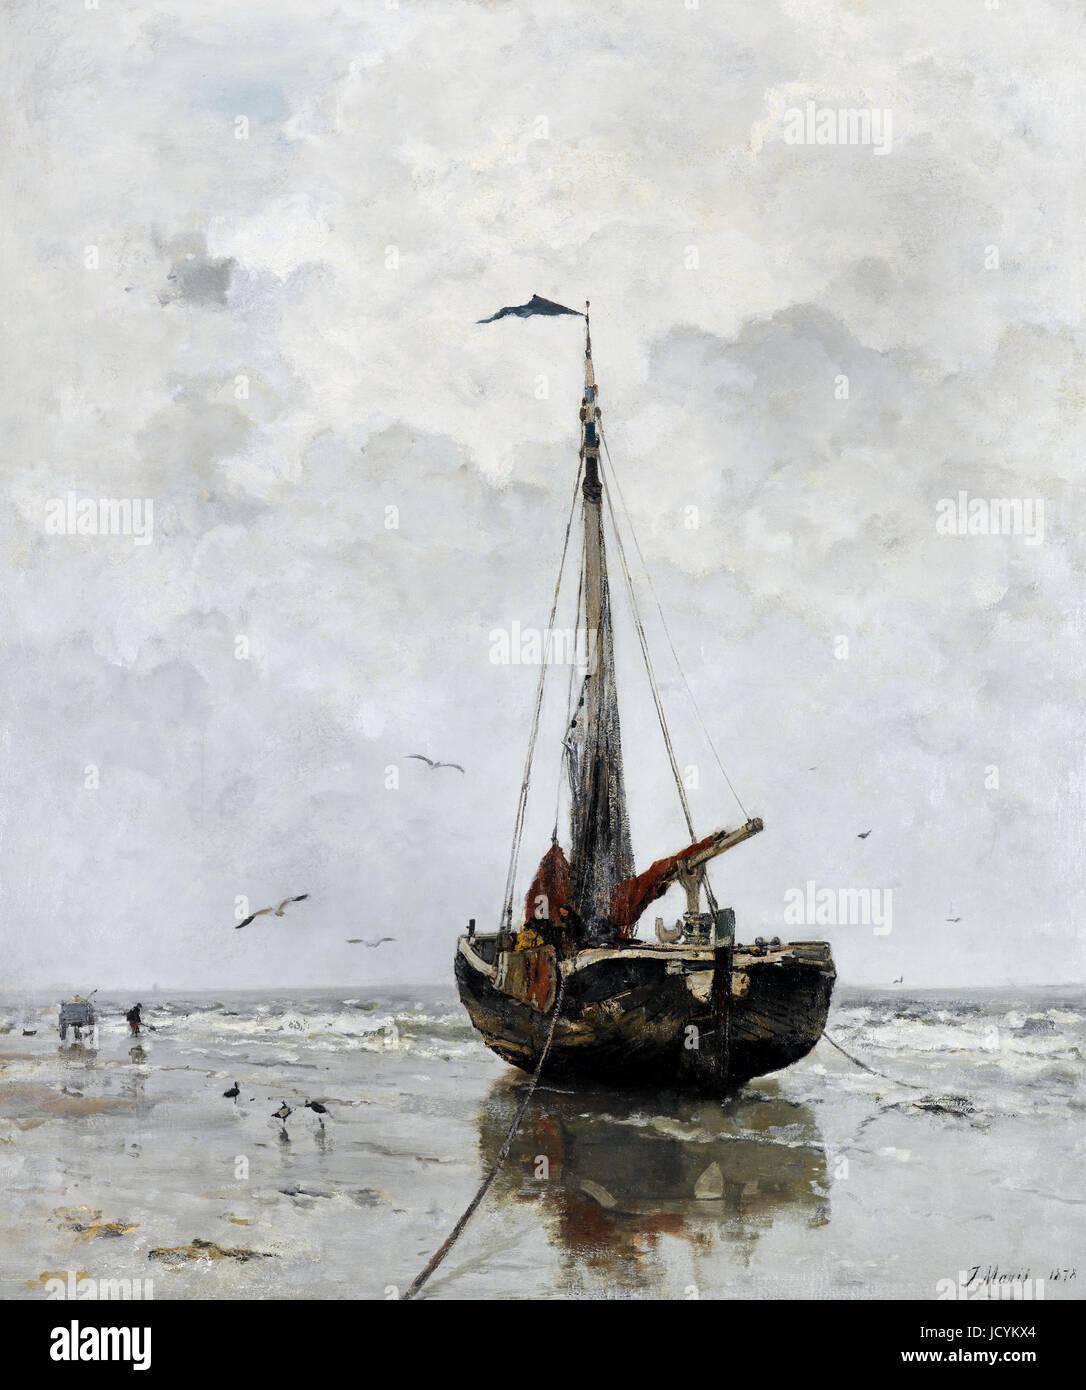 Jacob Maris, barca da pesca 1878 olio su tela. Gemeentemuseum Den Haag (L'Aia), l'Aia, Paesi Bassi. Immagini Stock